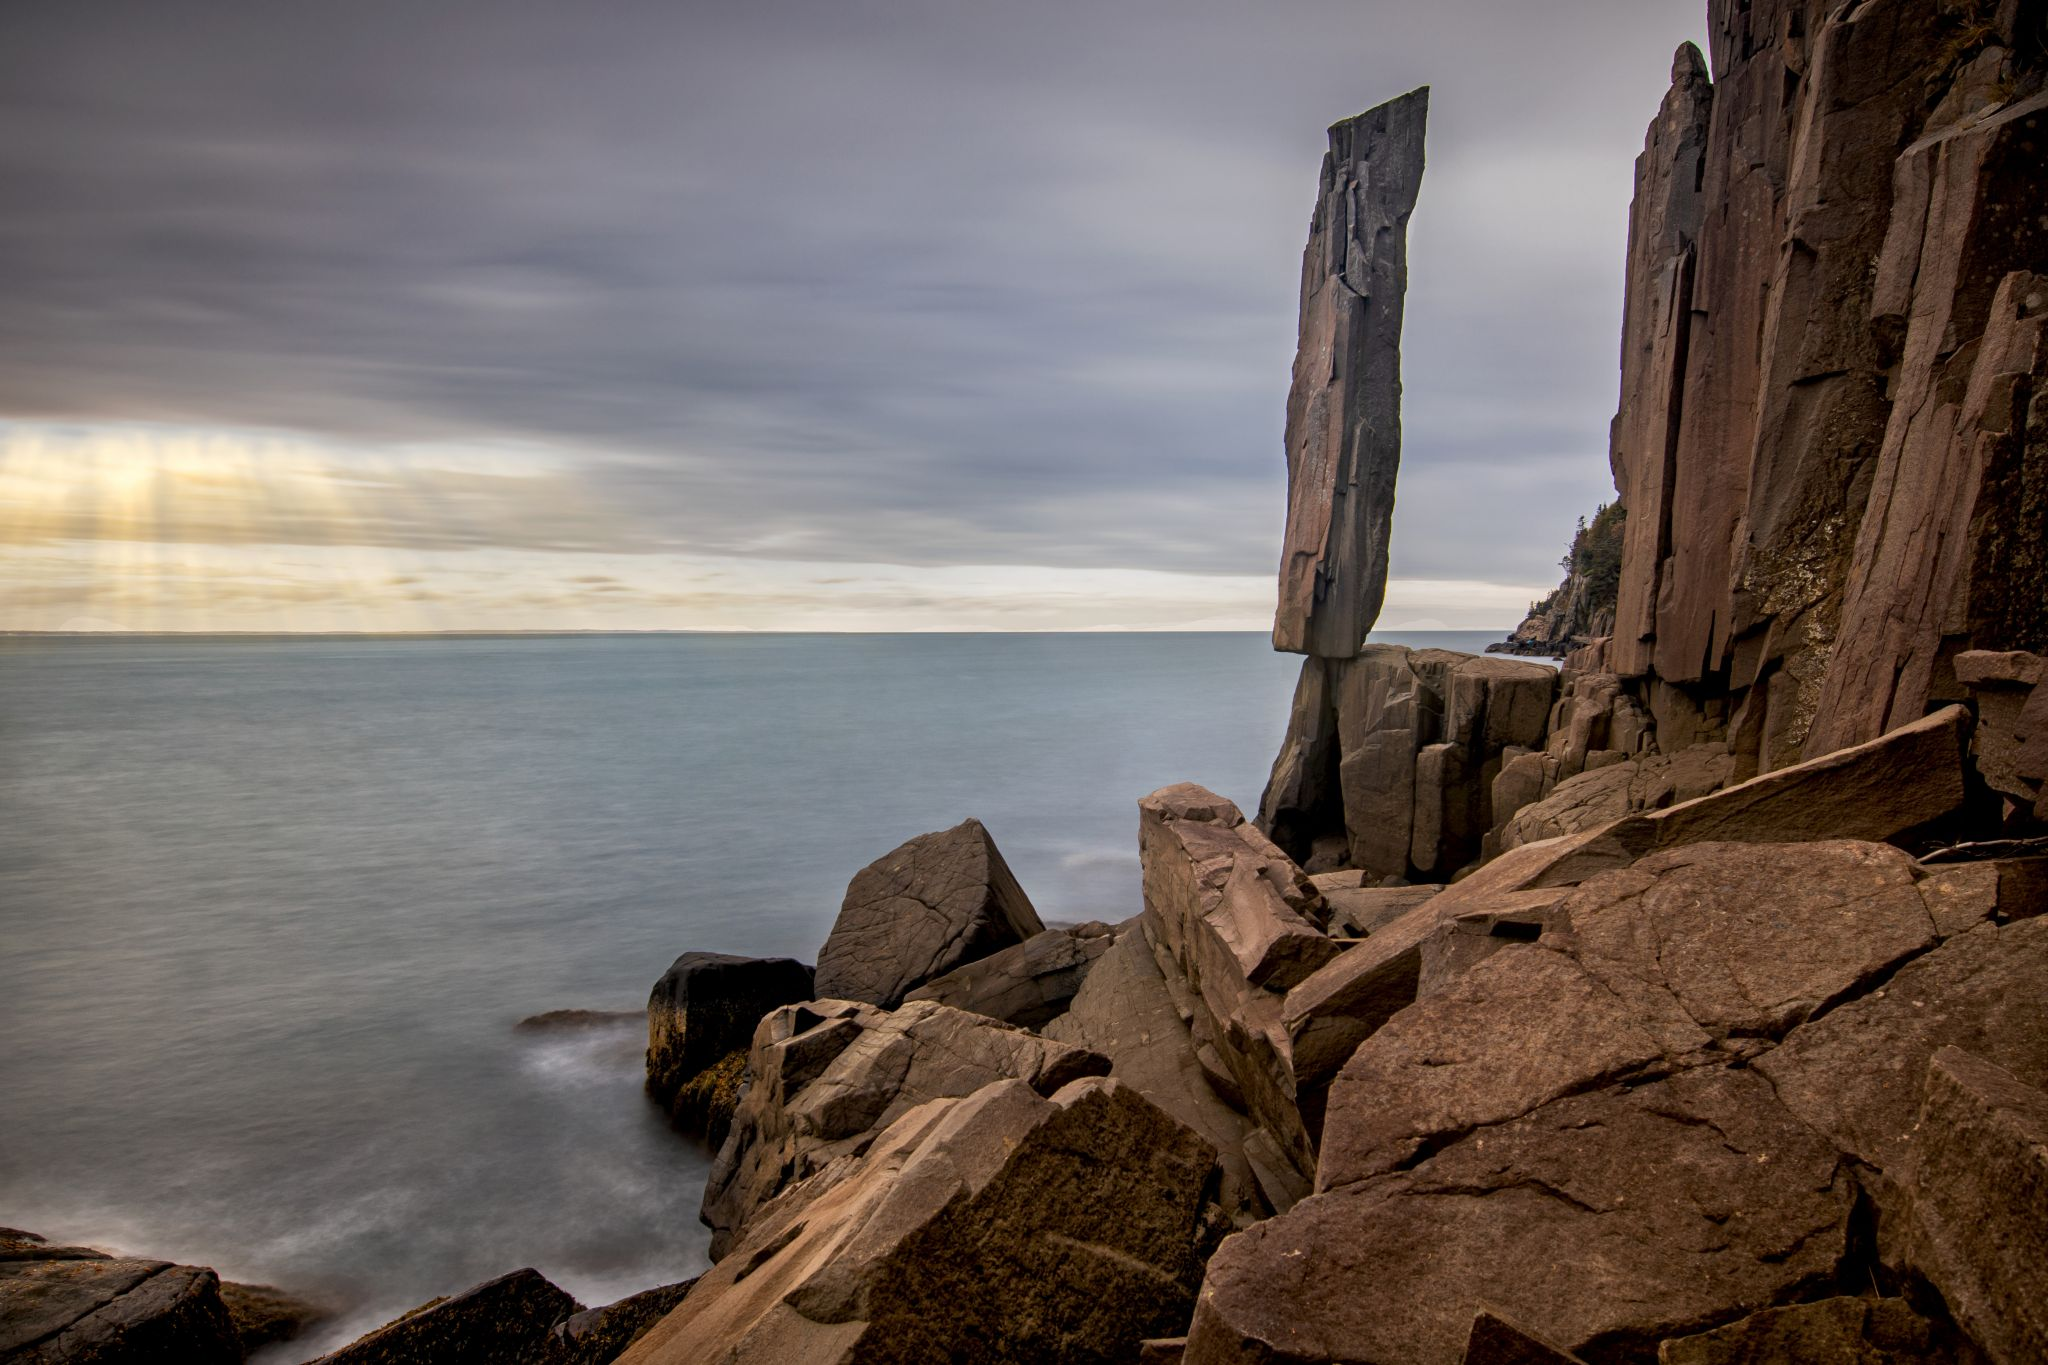 Balancing Rock, Nova Scotia, Canada